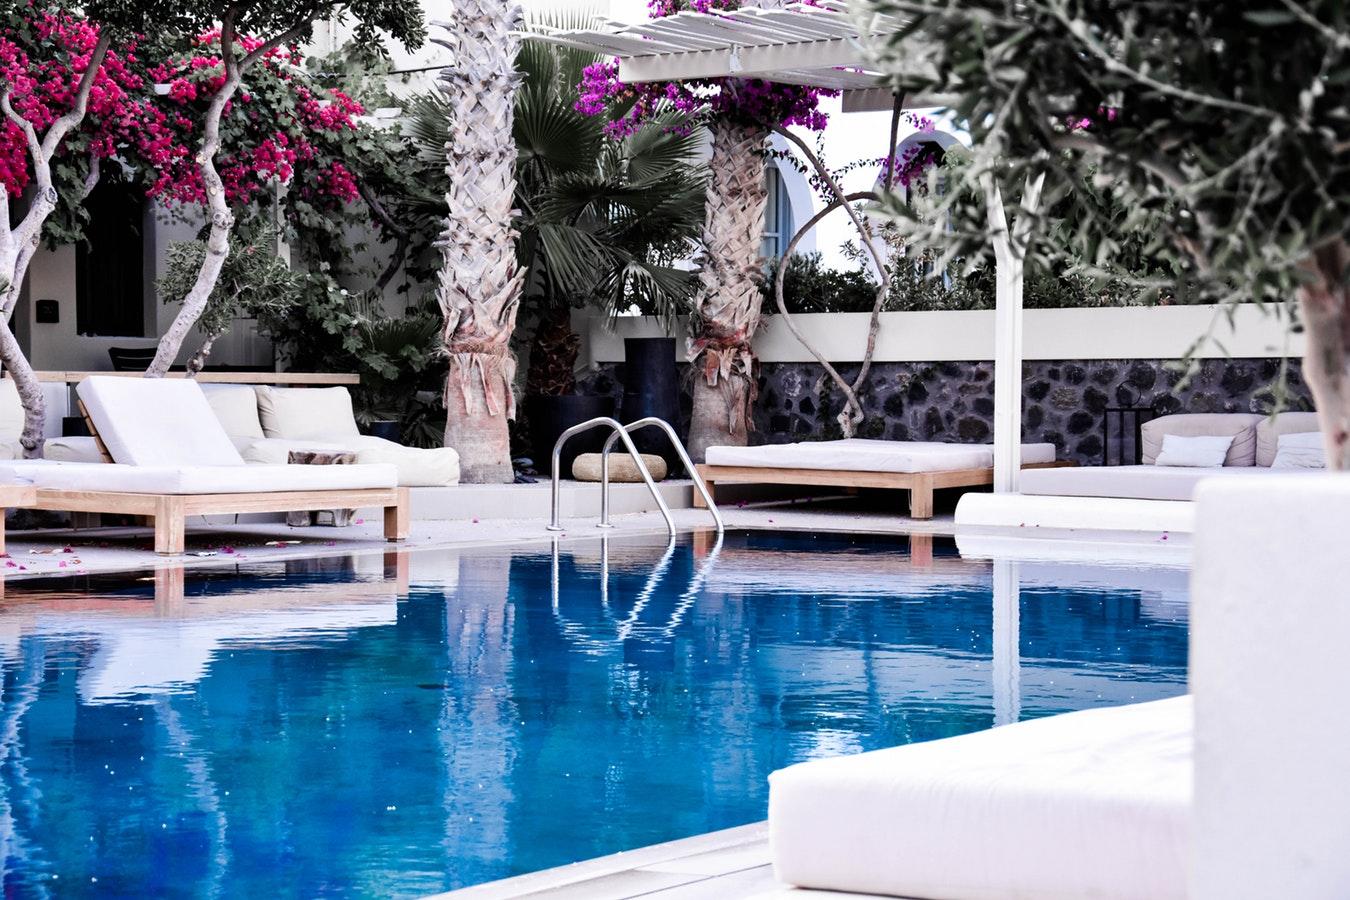 zwembad in de tuin